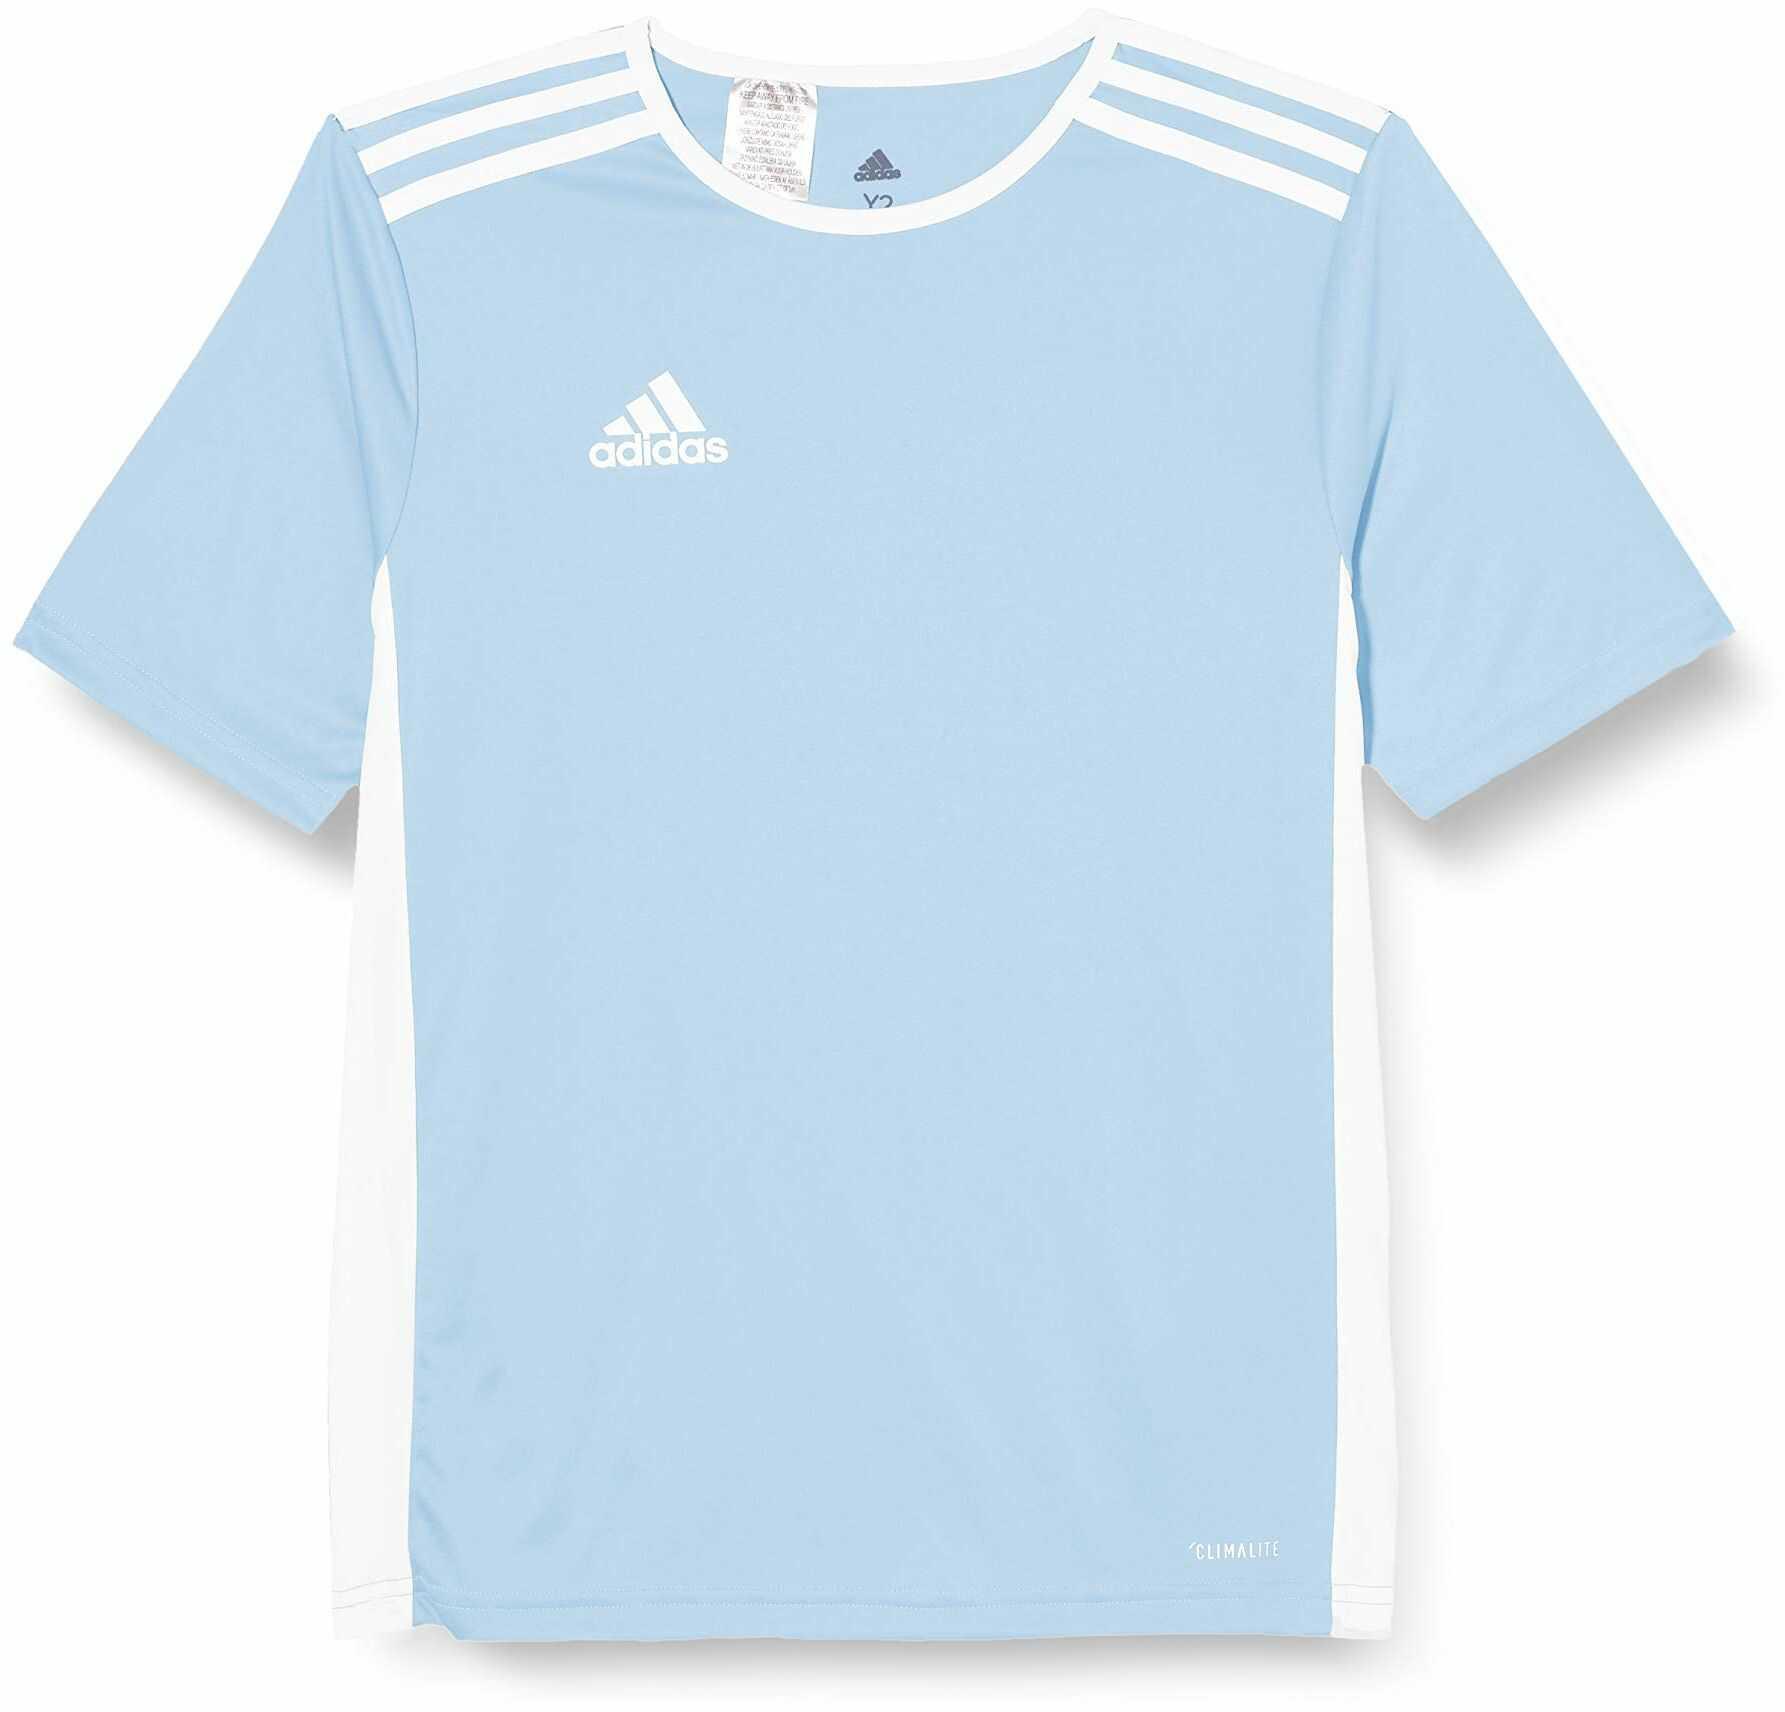 adidas Męski T-shirt Entrada 18 Jsy niebieski przezroczysty/biały 18-23